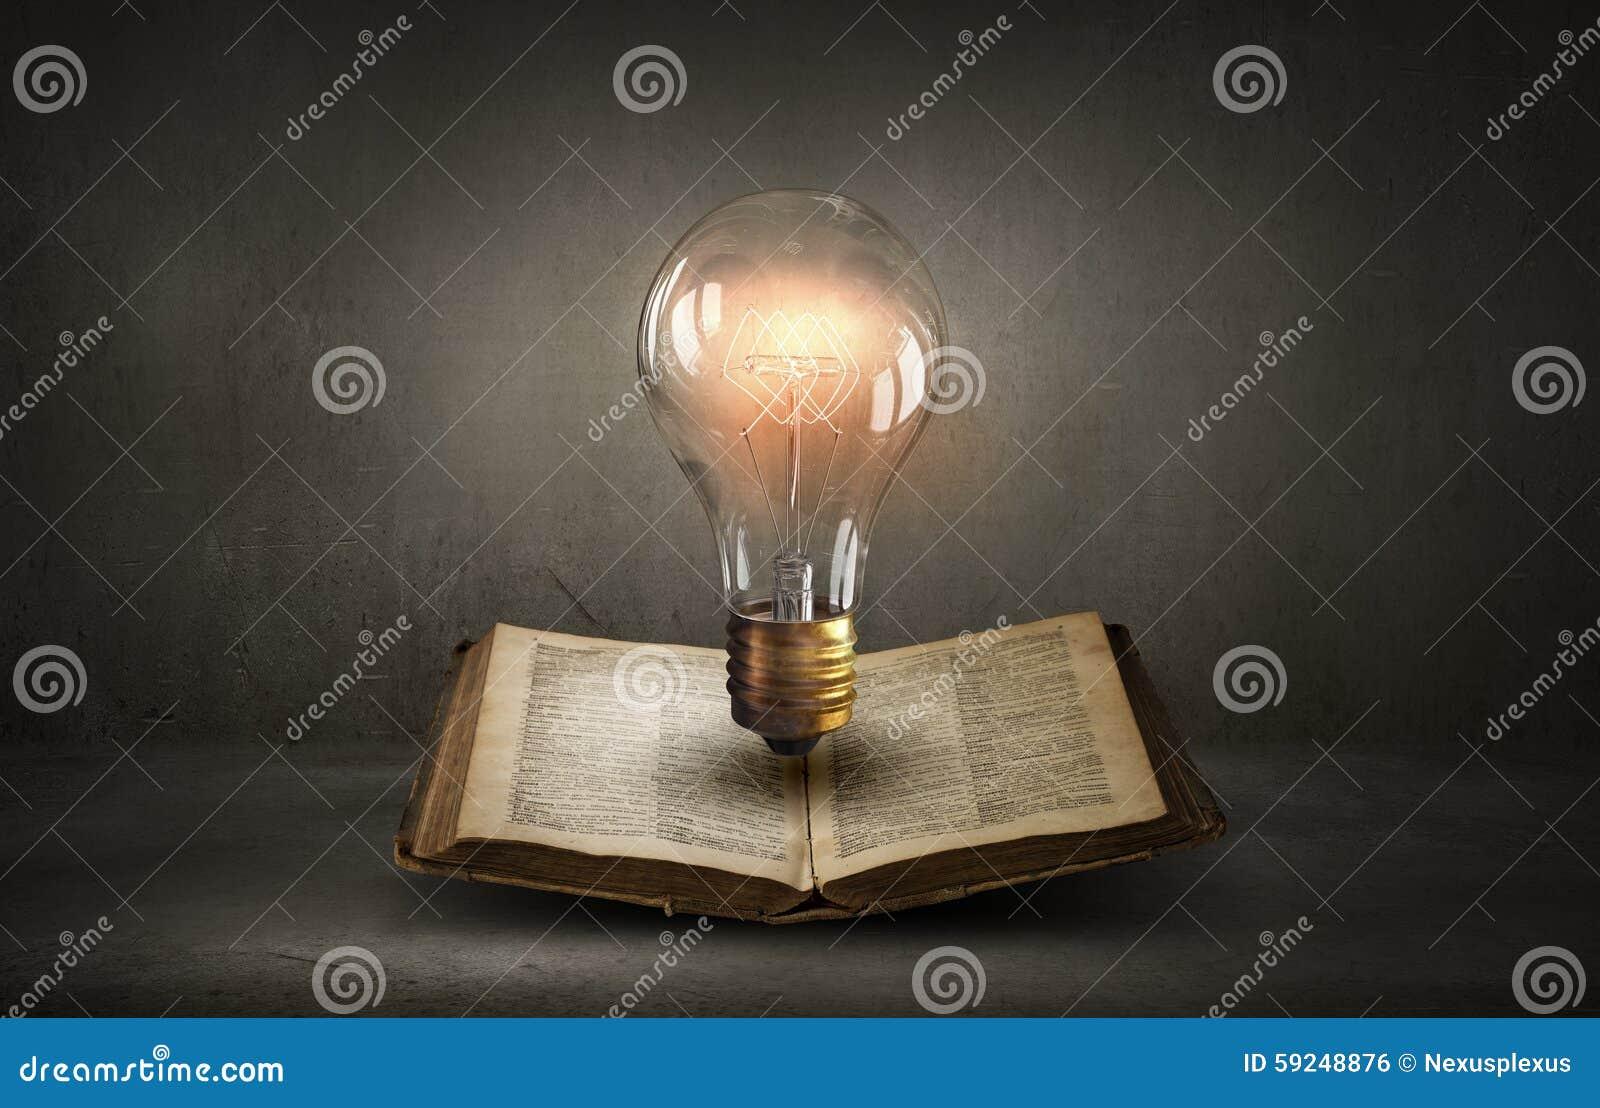 Libro y bombilla